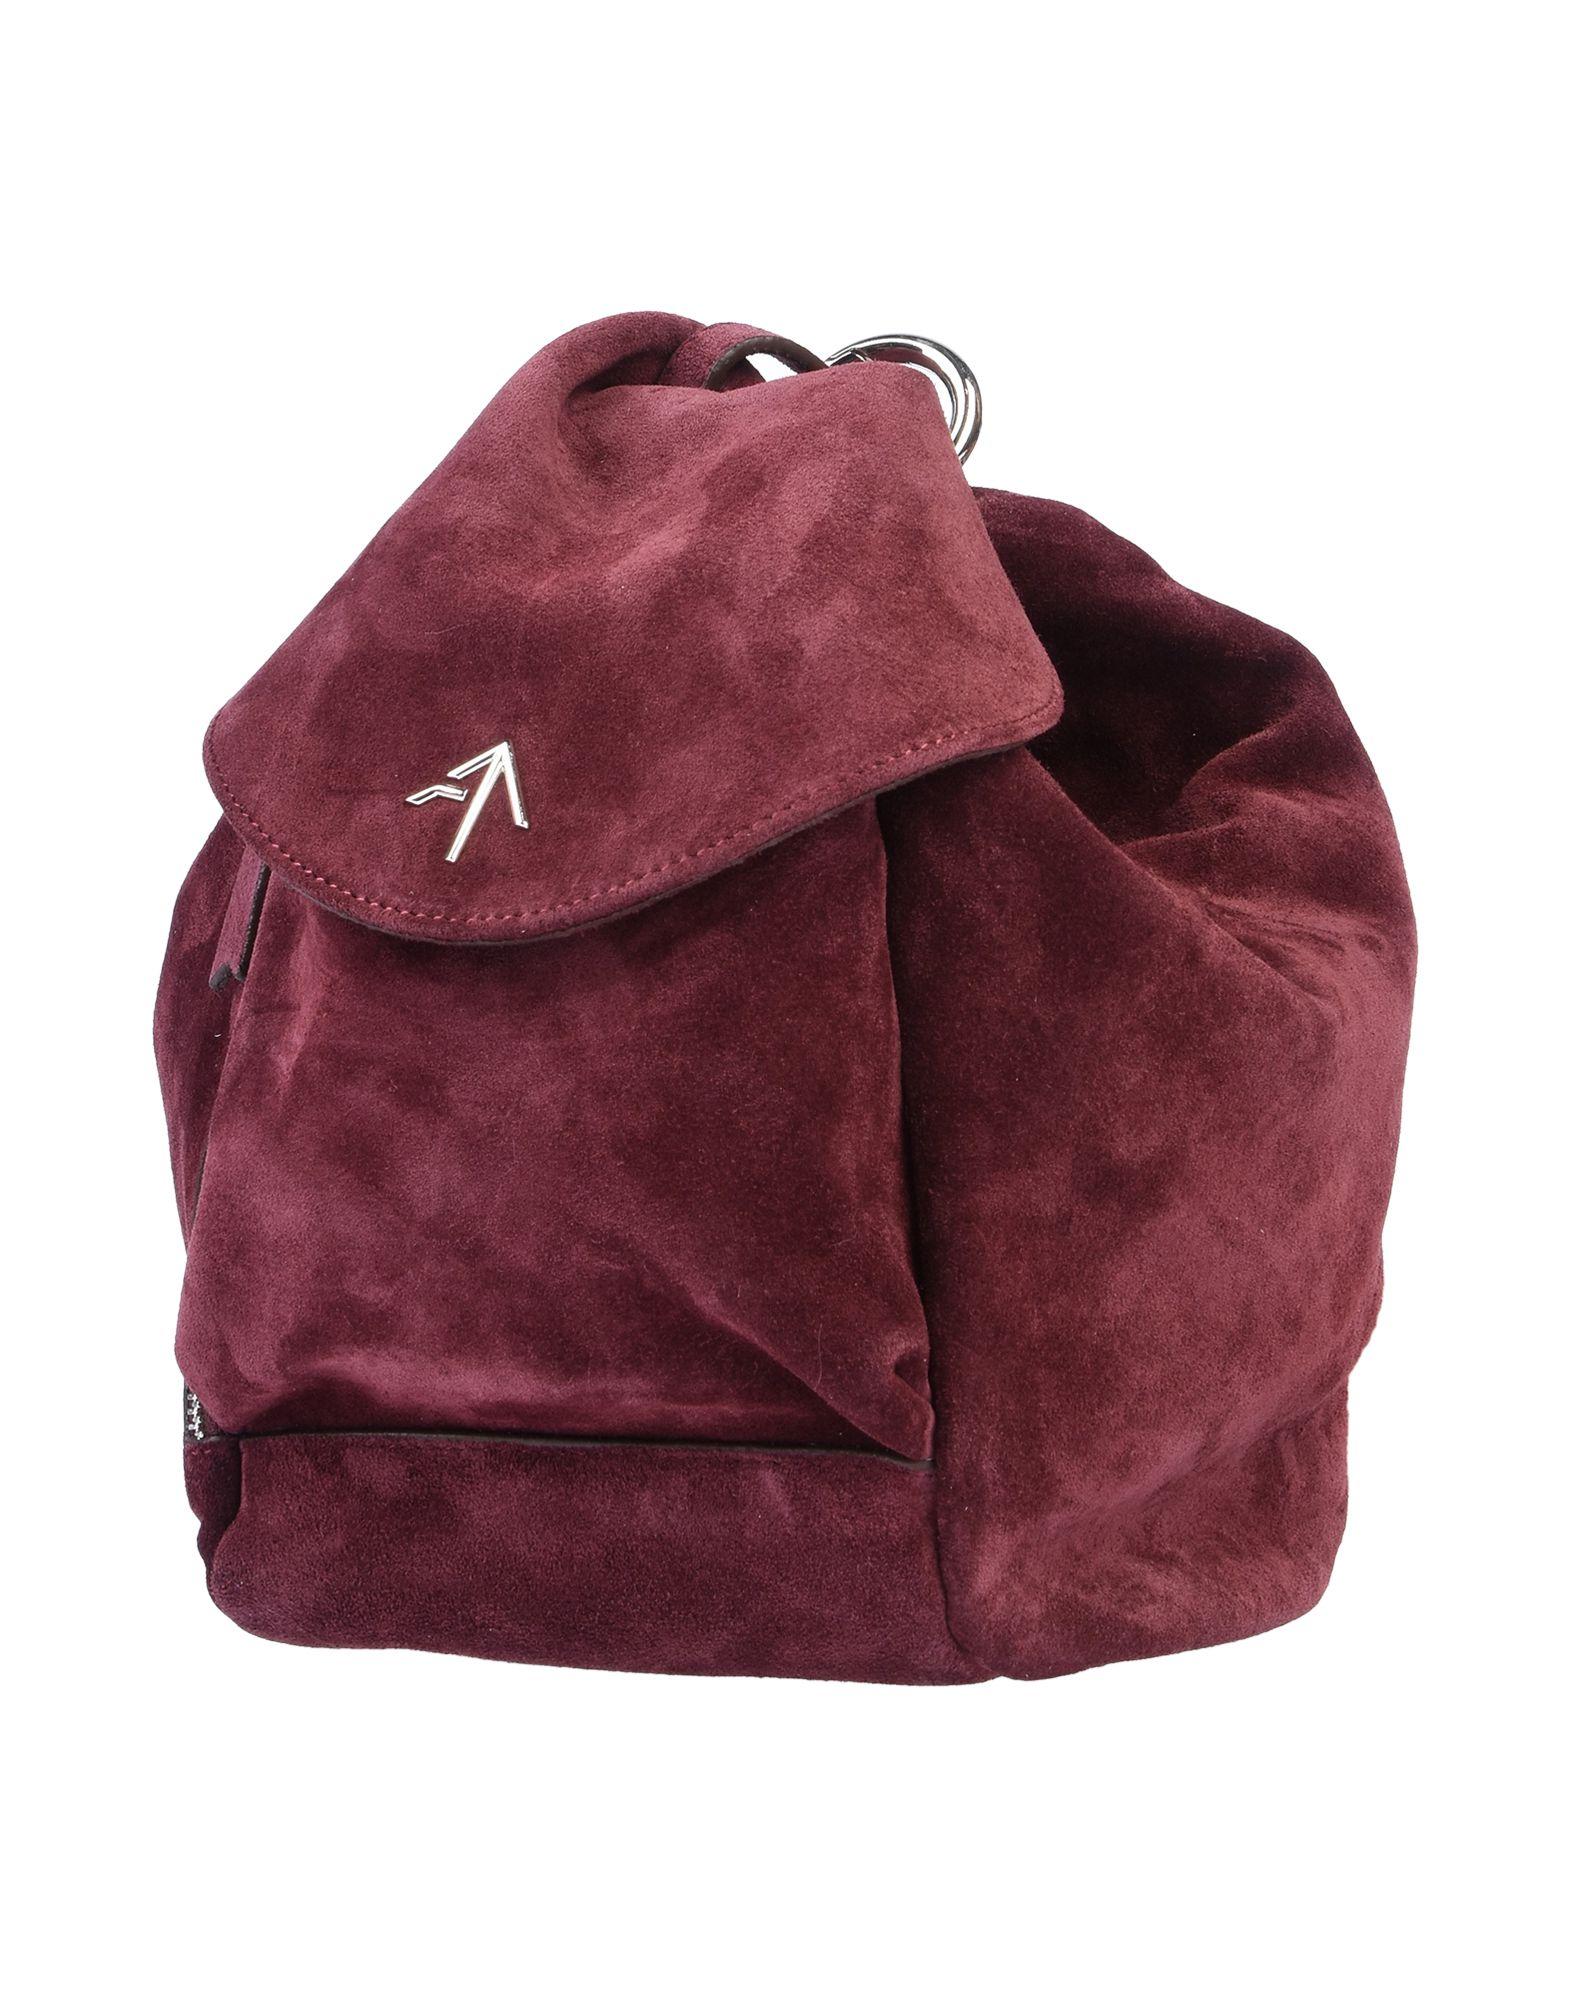 MANU ATELIER Рюкзаки и сумки на пояс цена и фото